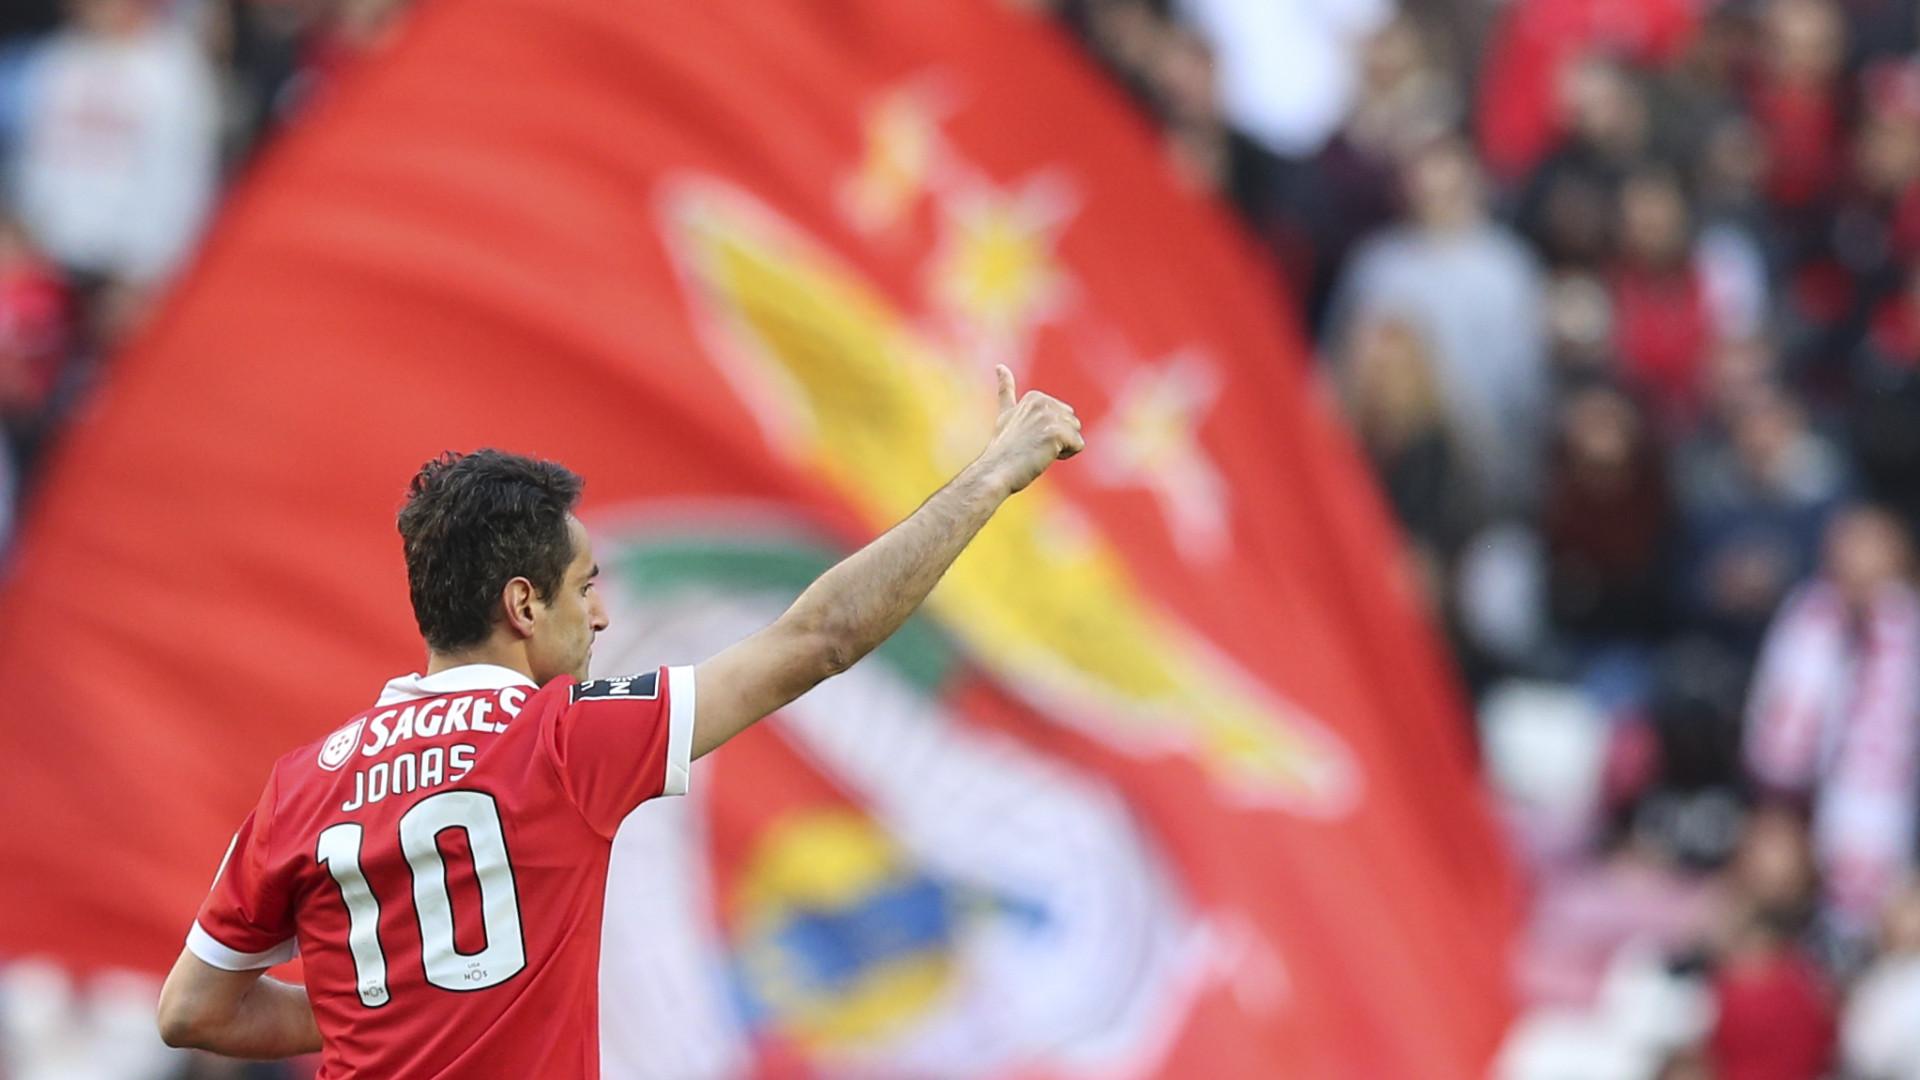 Oficial: Jonas anuncia renovação com o Benfica